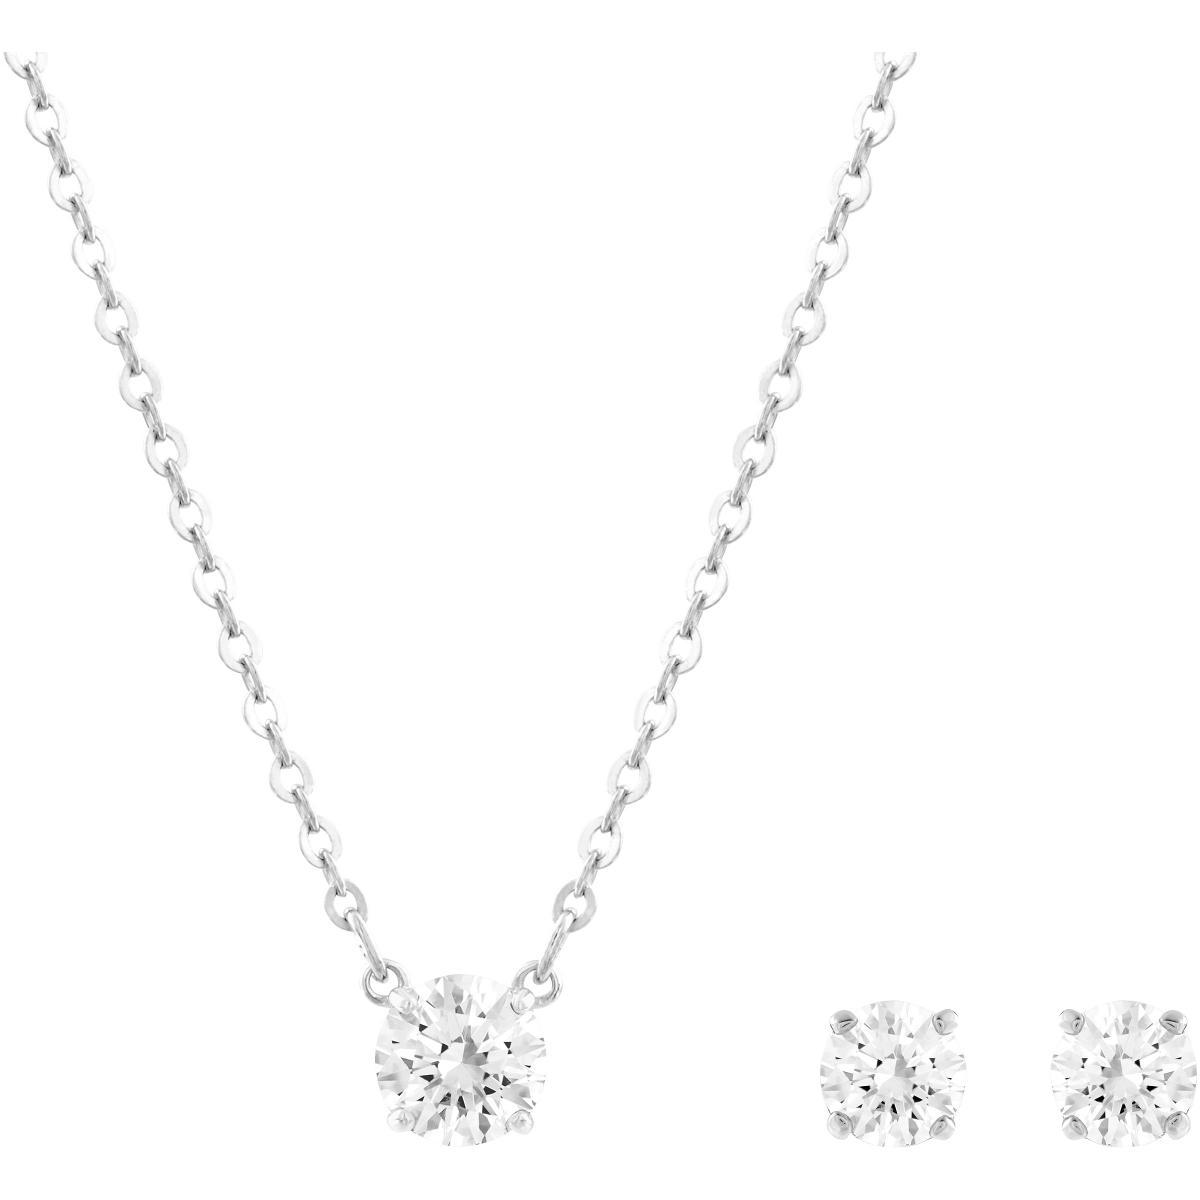 Collier et pendentif Swarovski 5113468 - Collier et pendentif Chaîne  Cristal Femme